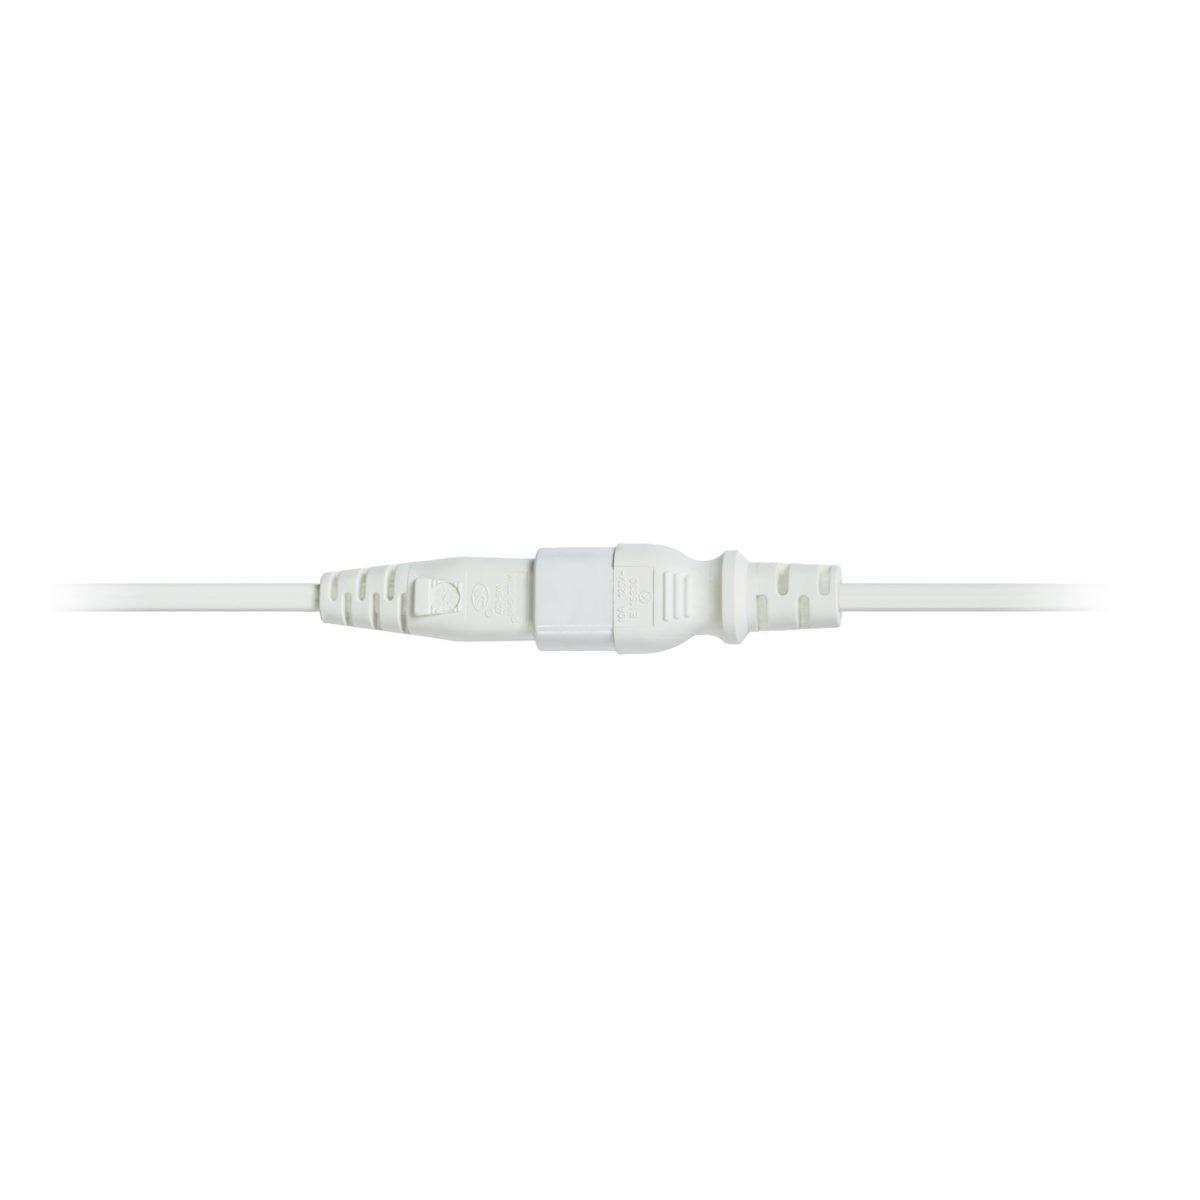 sonos kabel 1 meter wit